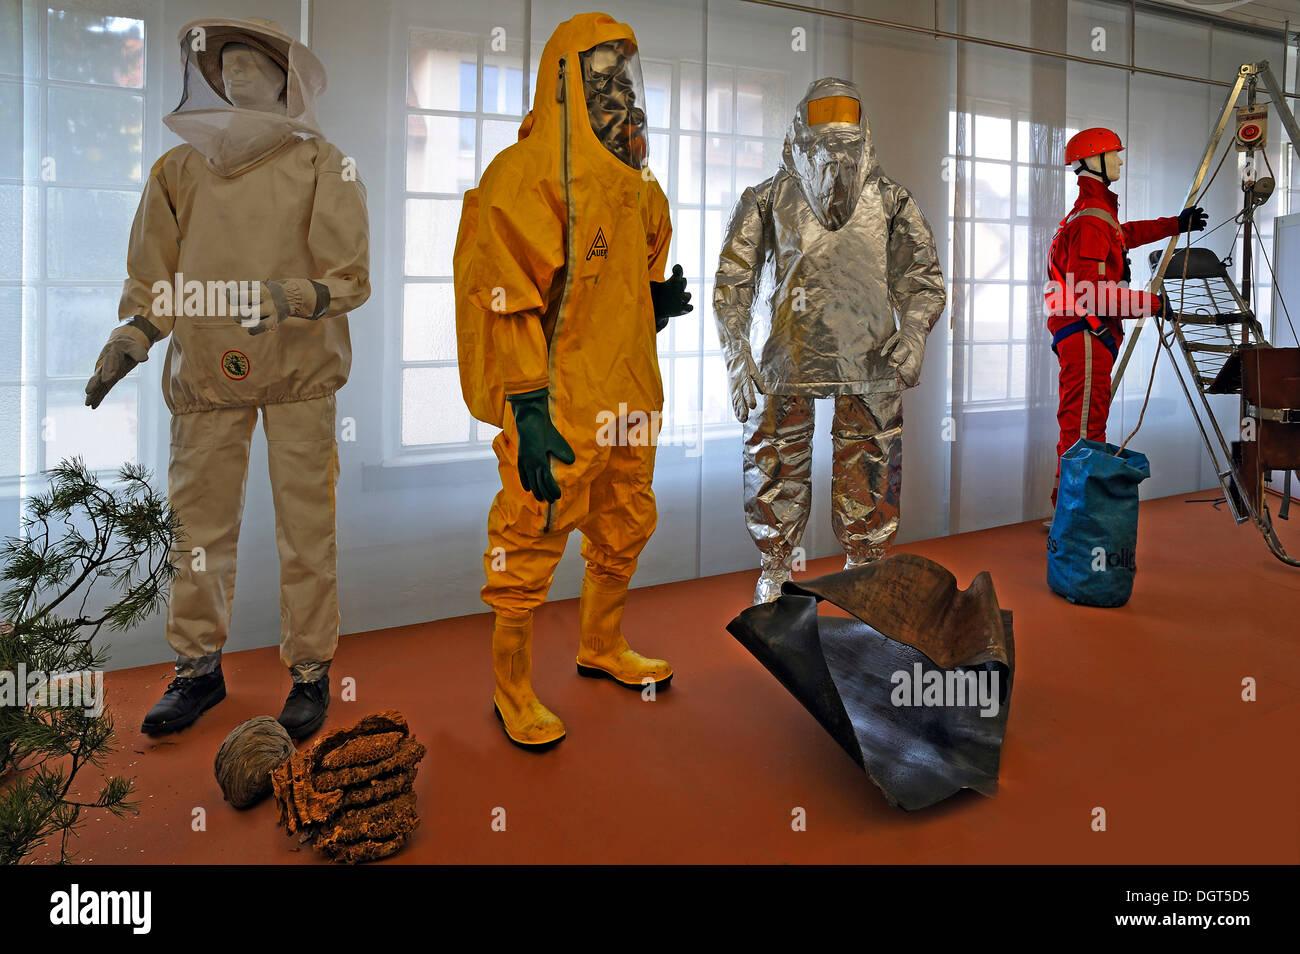 Diversi indumenti di protezione per vigili del fuoco, un insetto abbigliamento protettivo, una tuta di protezione chimica con una maschera per la respirazione, una Immagini Stock